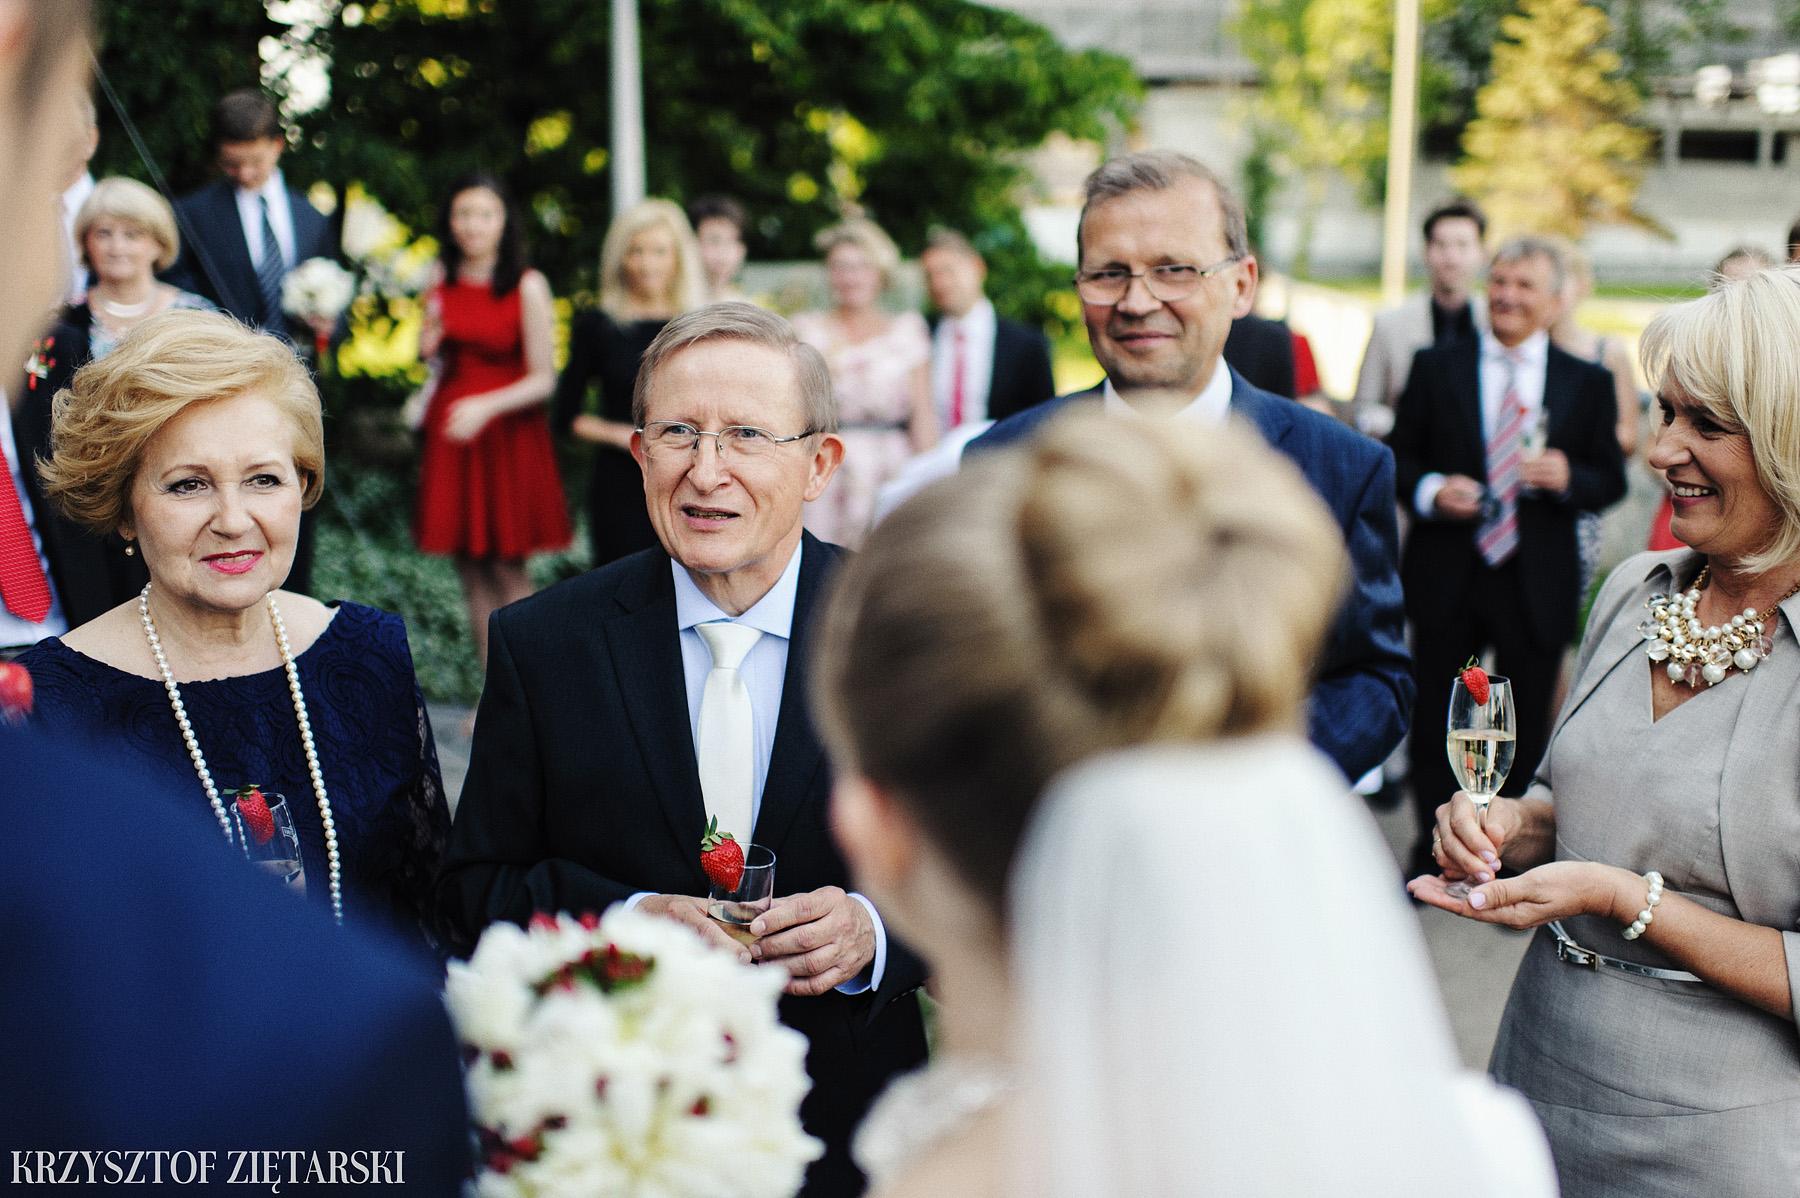 Ola i Grzegorz - Fotografia ślubna Gdynia, Kolegiata NMP, wesele restauracja COCO, plener na Darze Pomorza - 36.